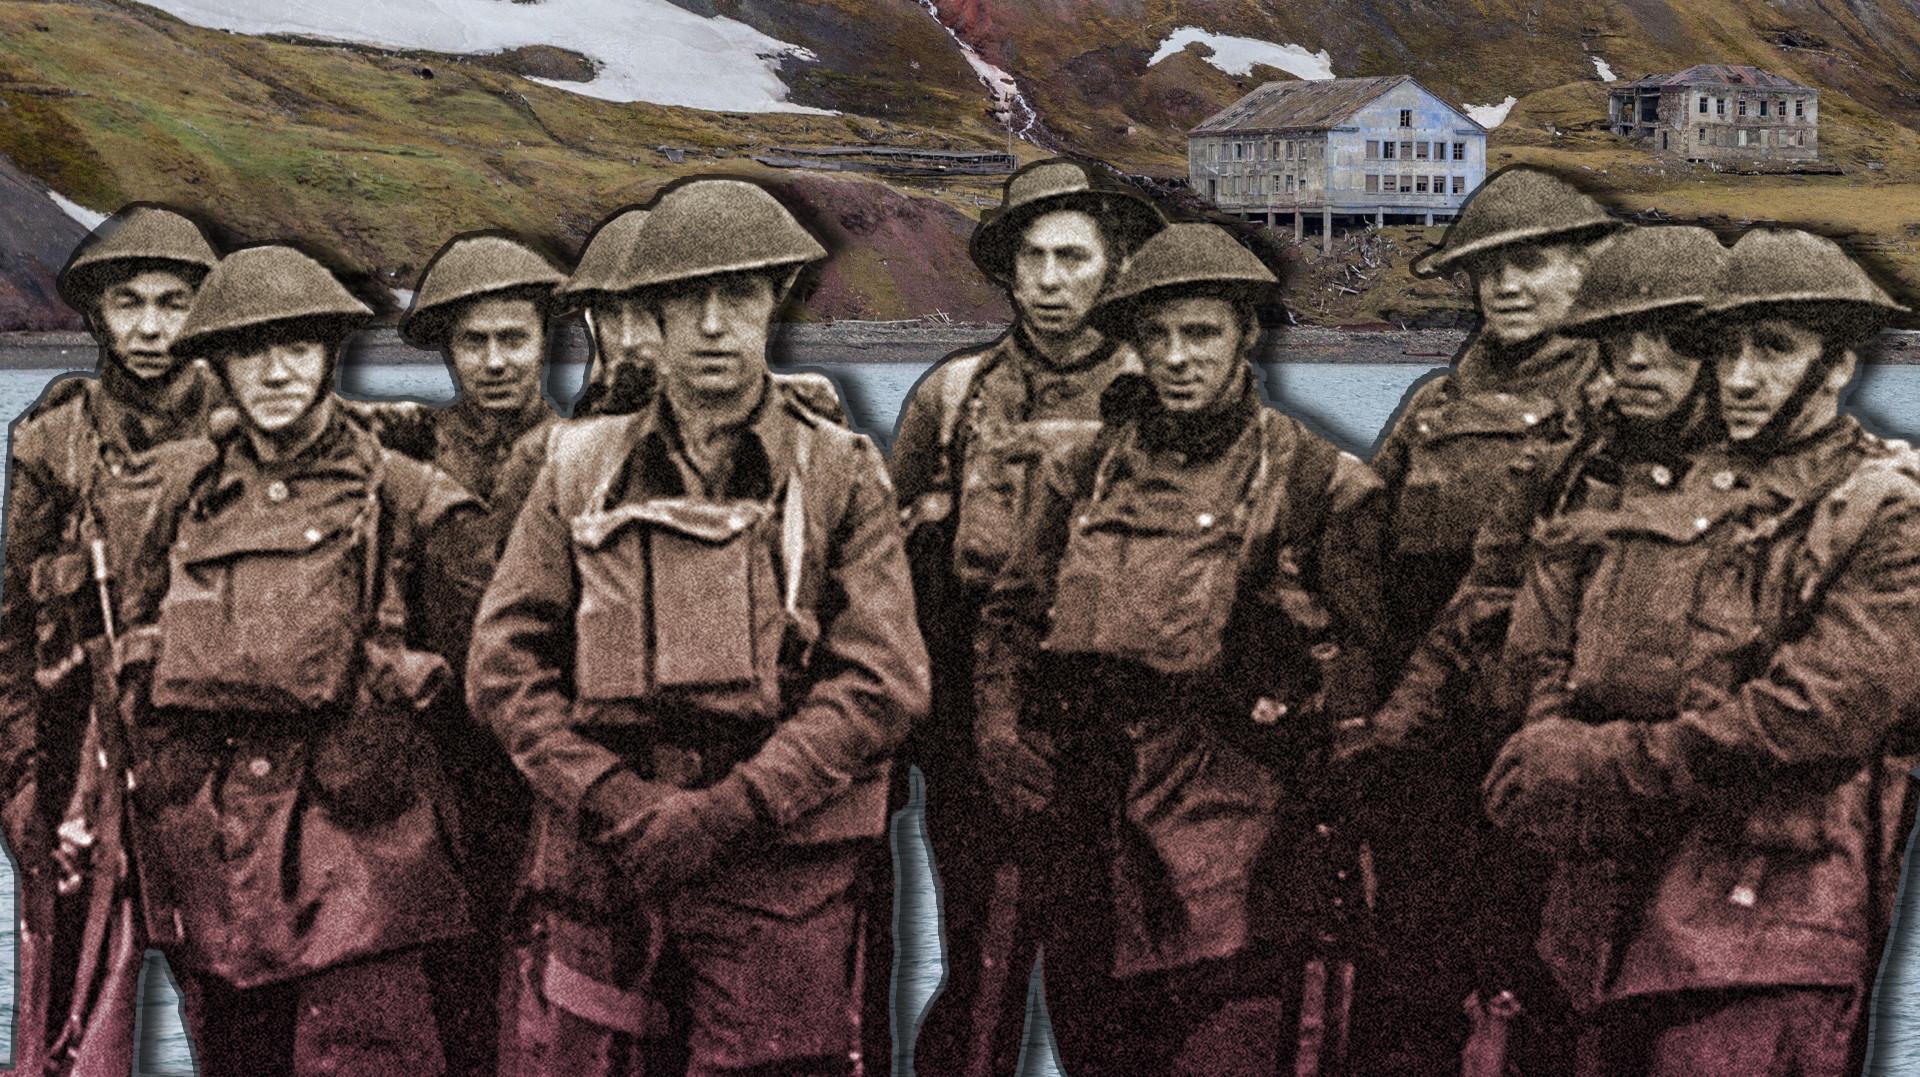 Edmonton regiment in Barentsburg.